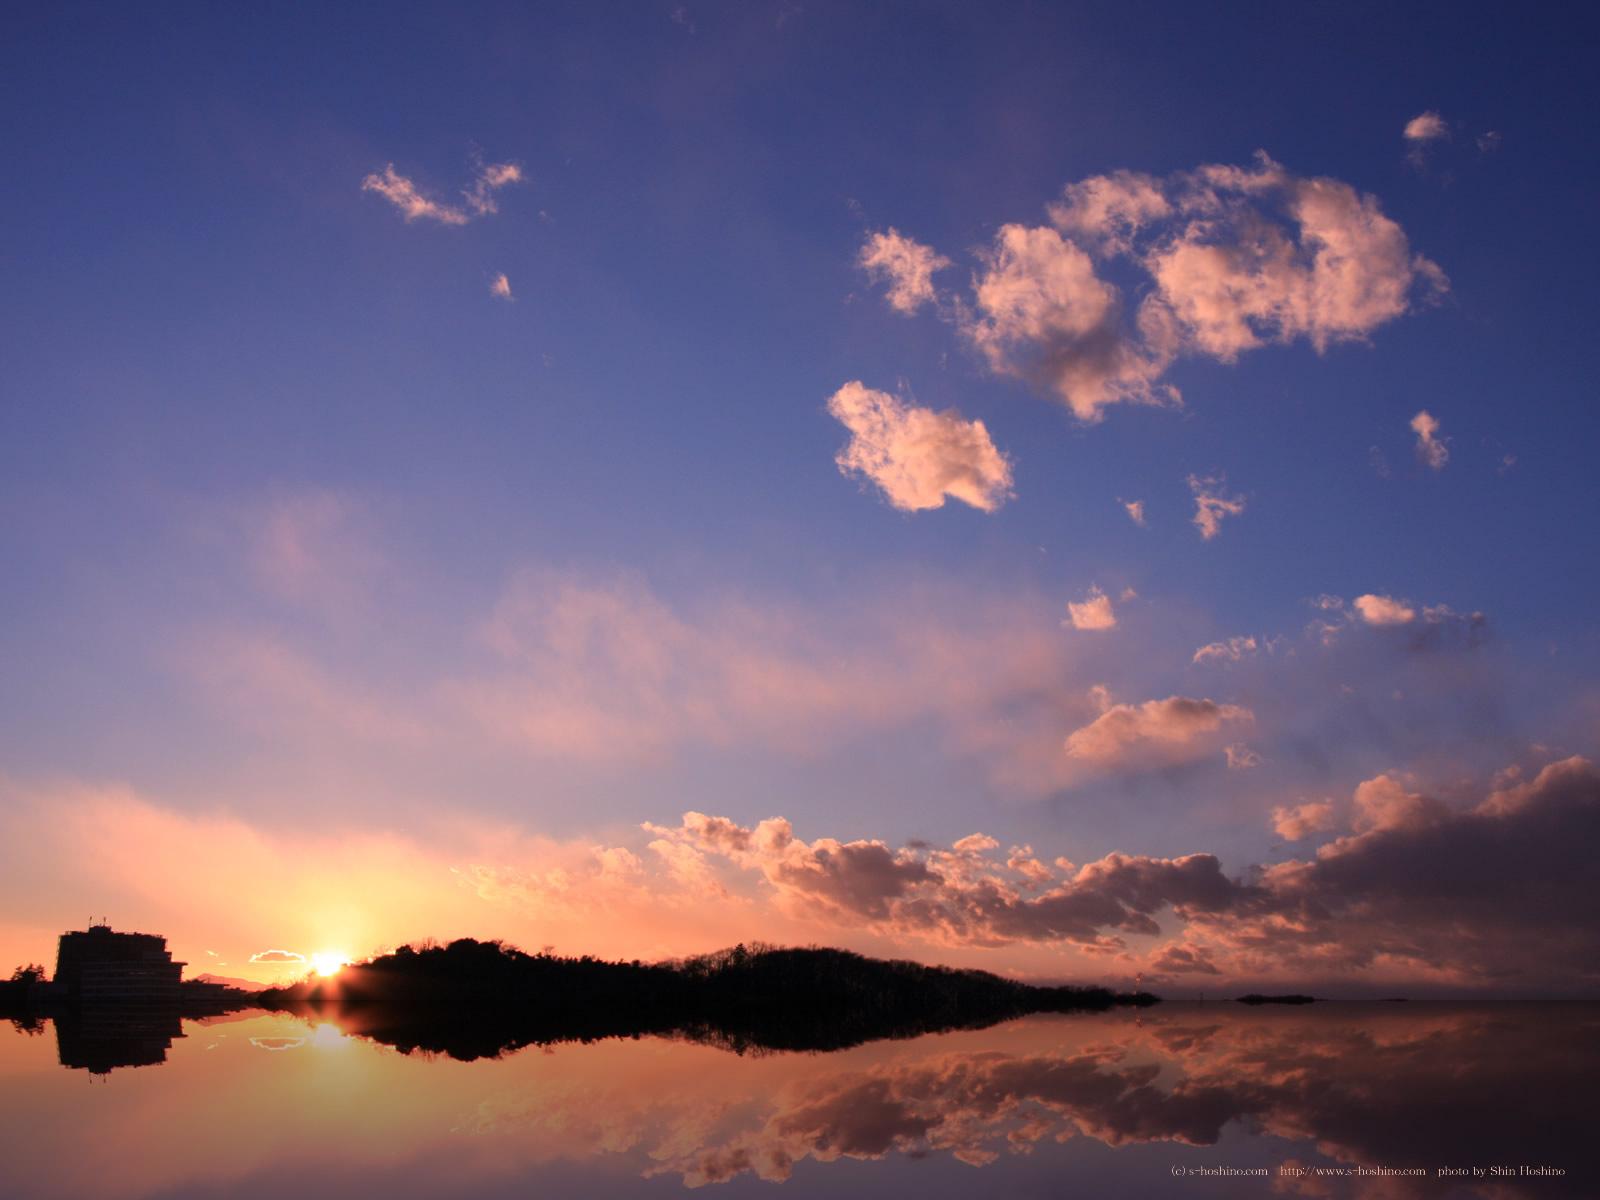 自然・風景写真の壁紙 高画質写真一覧